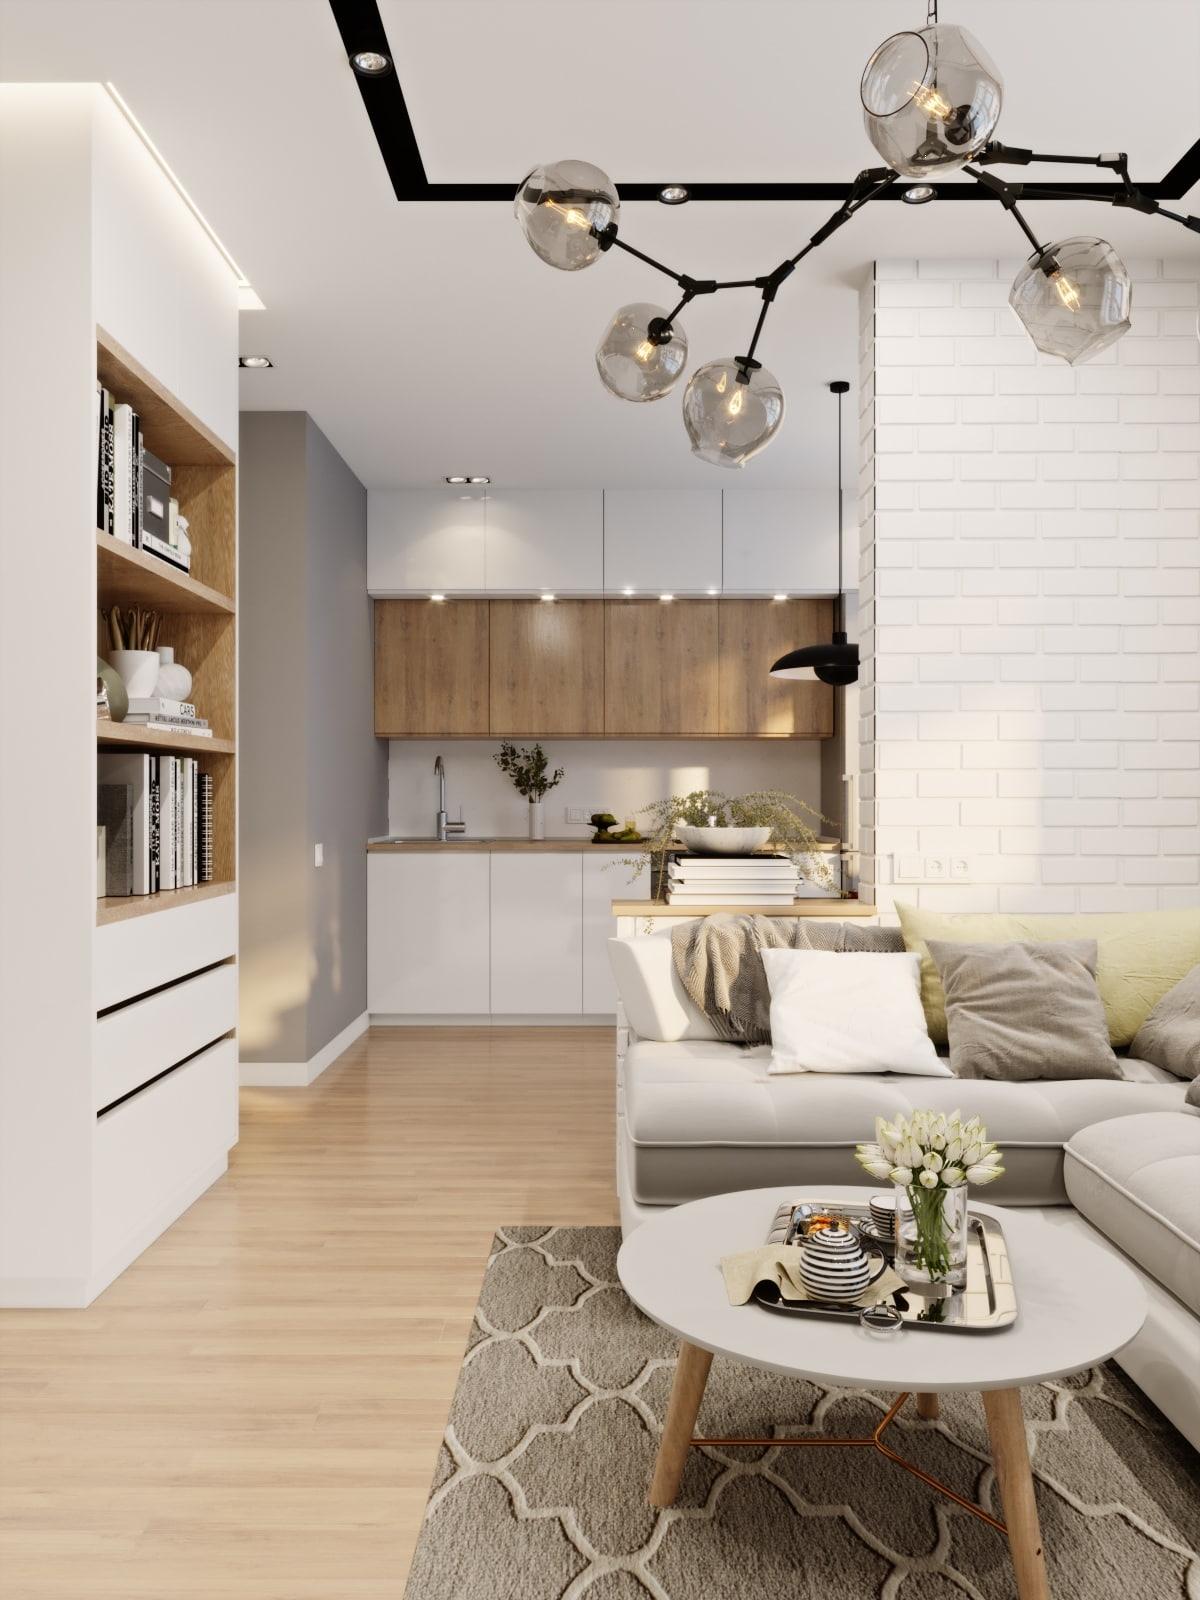 Дизайн-проект квартиры 40 м2 для молодой девушки.